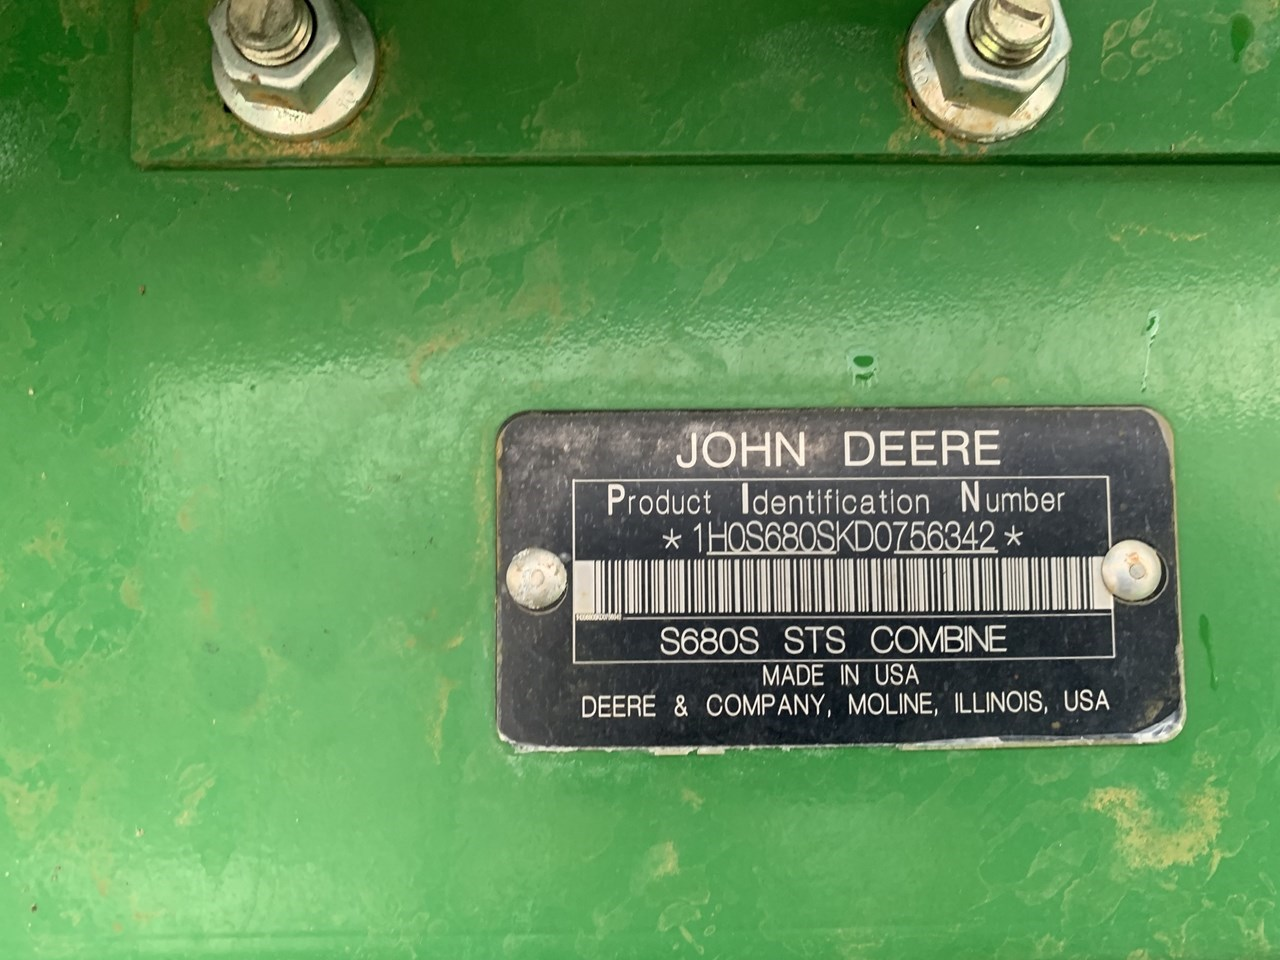 2013 John Deere S680 Image 2